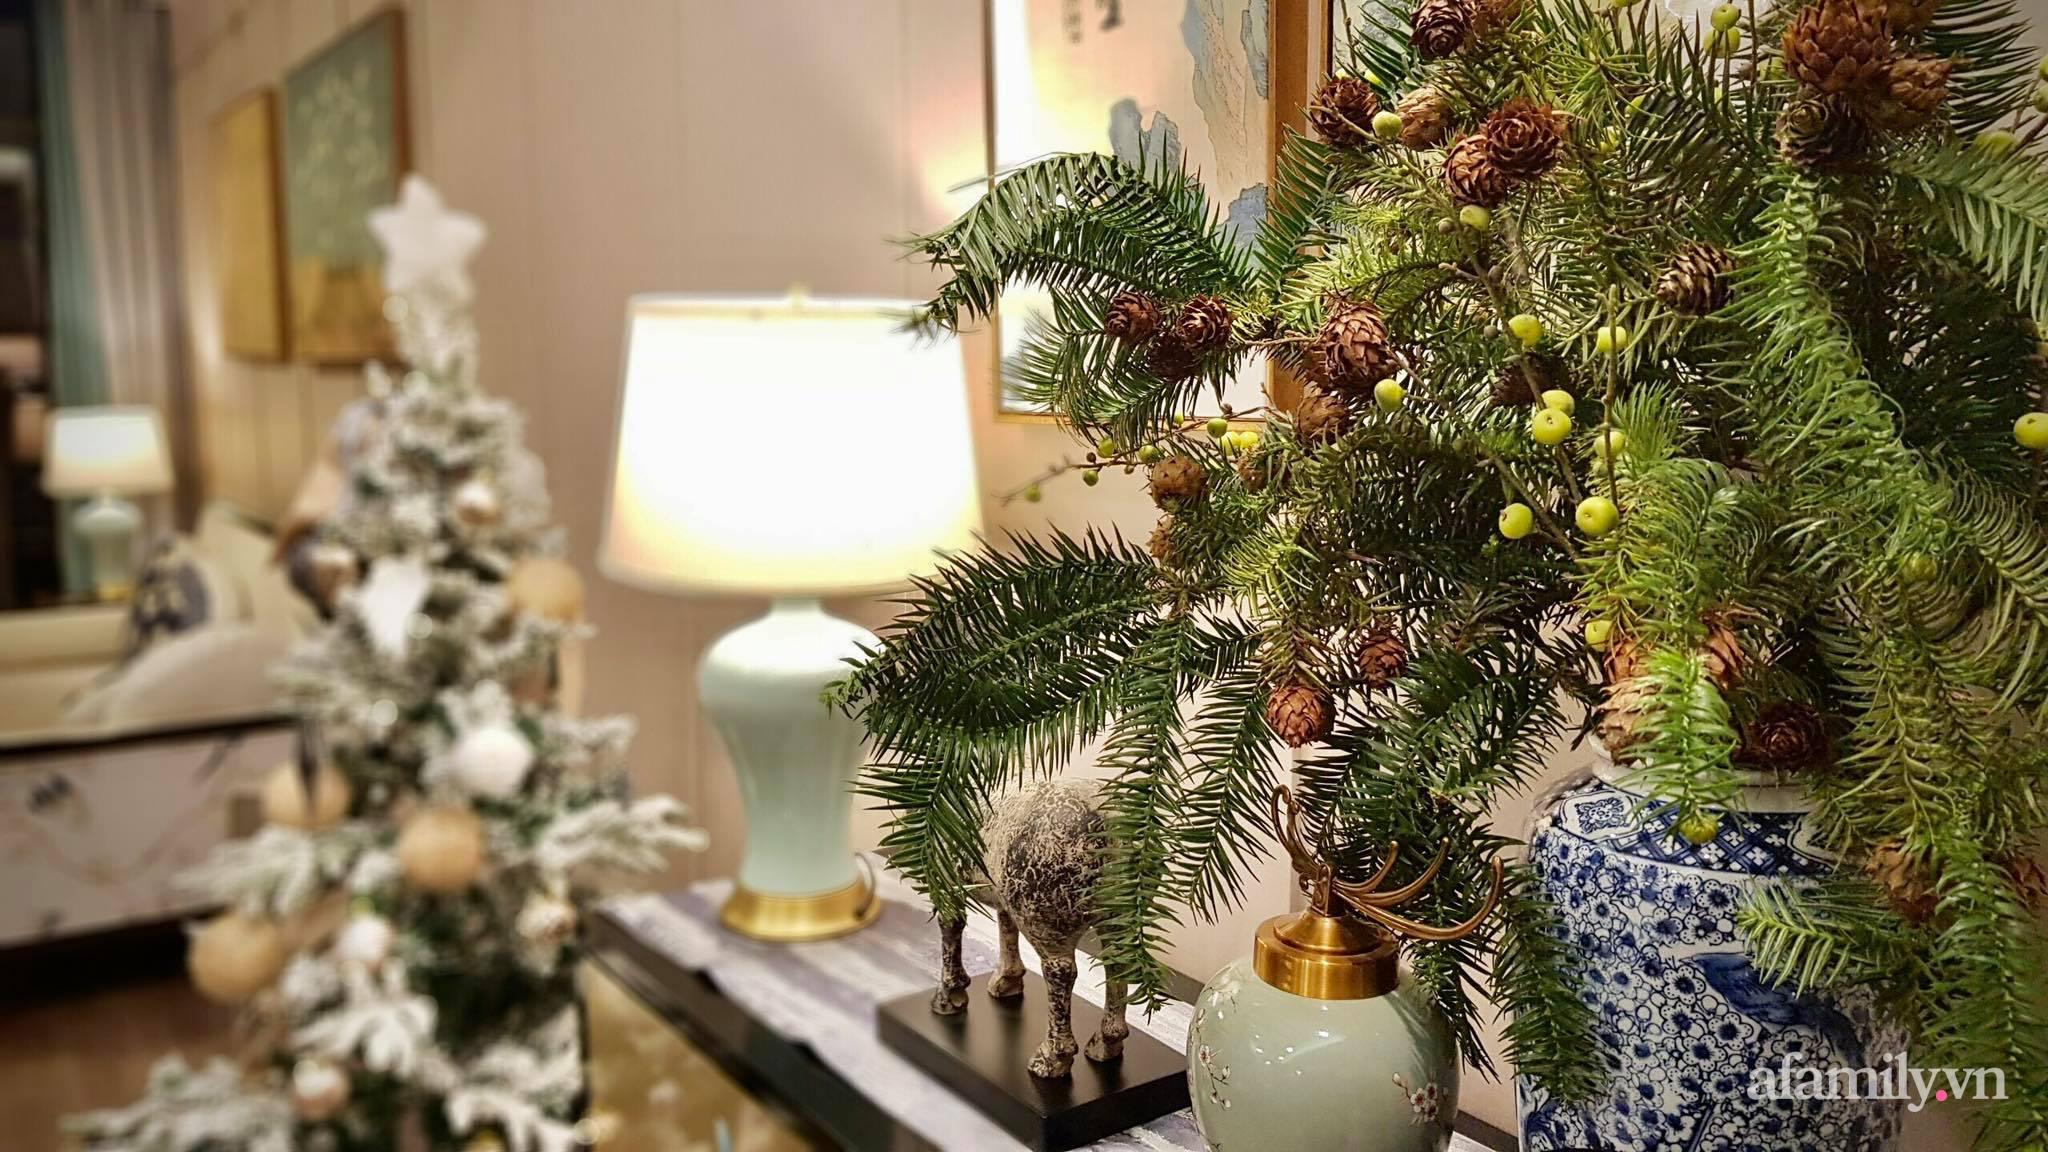 """Căn hộ """"thắp sáng"""" những sắc màu giúp từng góc nhỏ thêm ấm cúng đón Giáng sinh ở Hà Nội - Ảnh 5."""